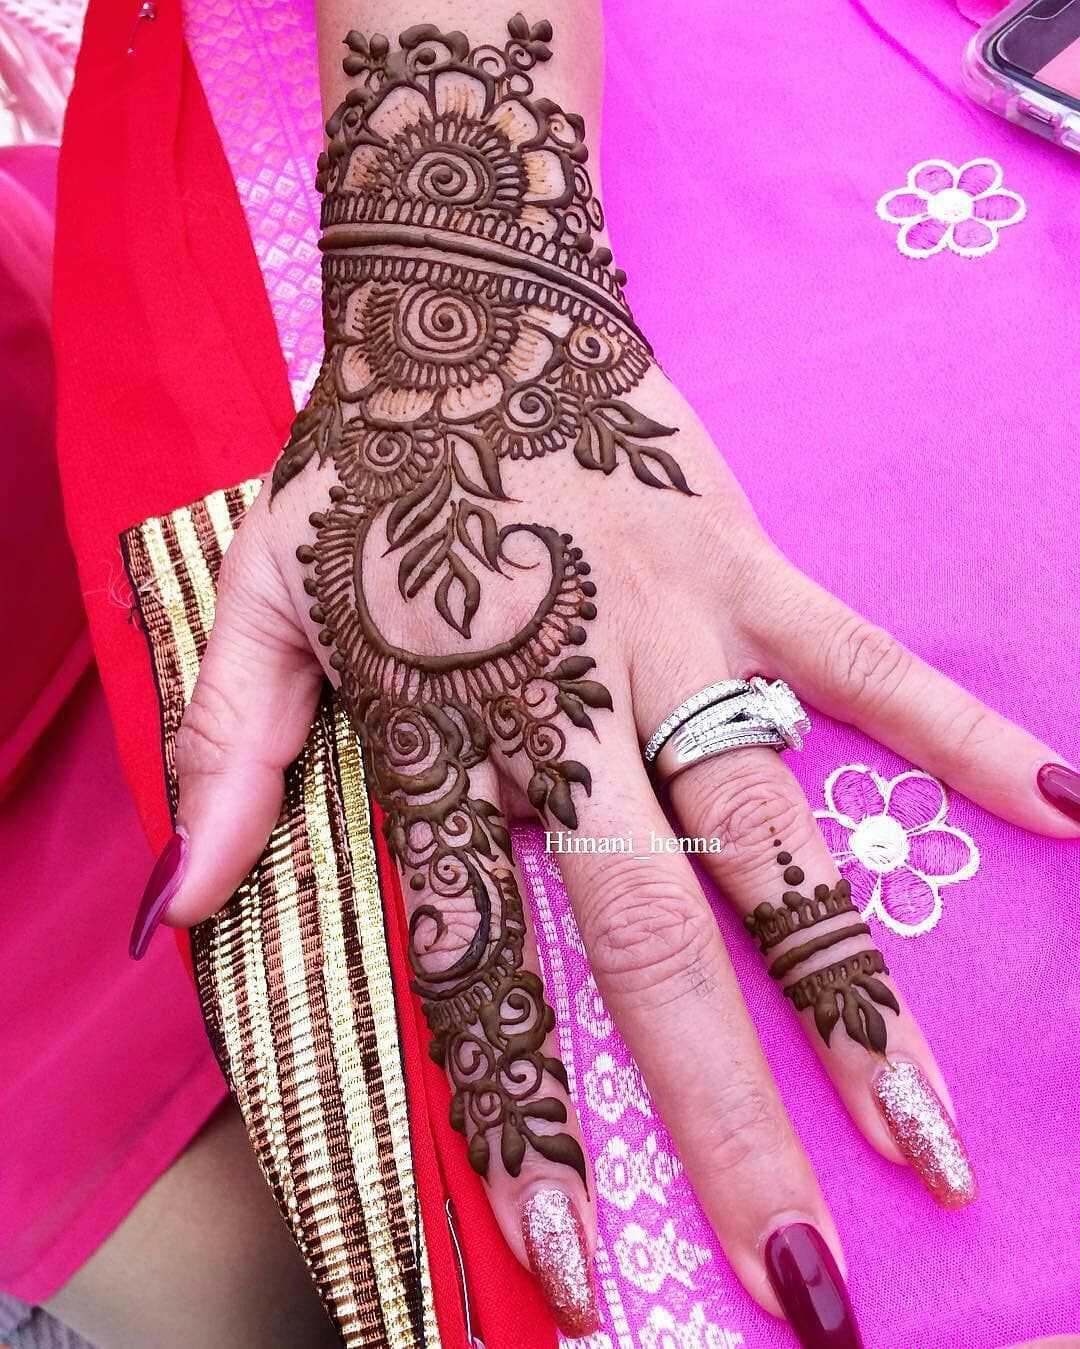 Regrann from himanihenna hennalove hennaartist henna